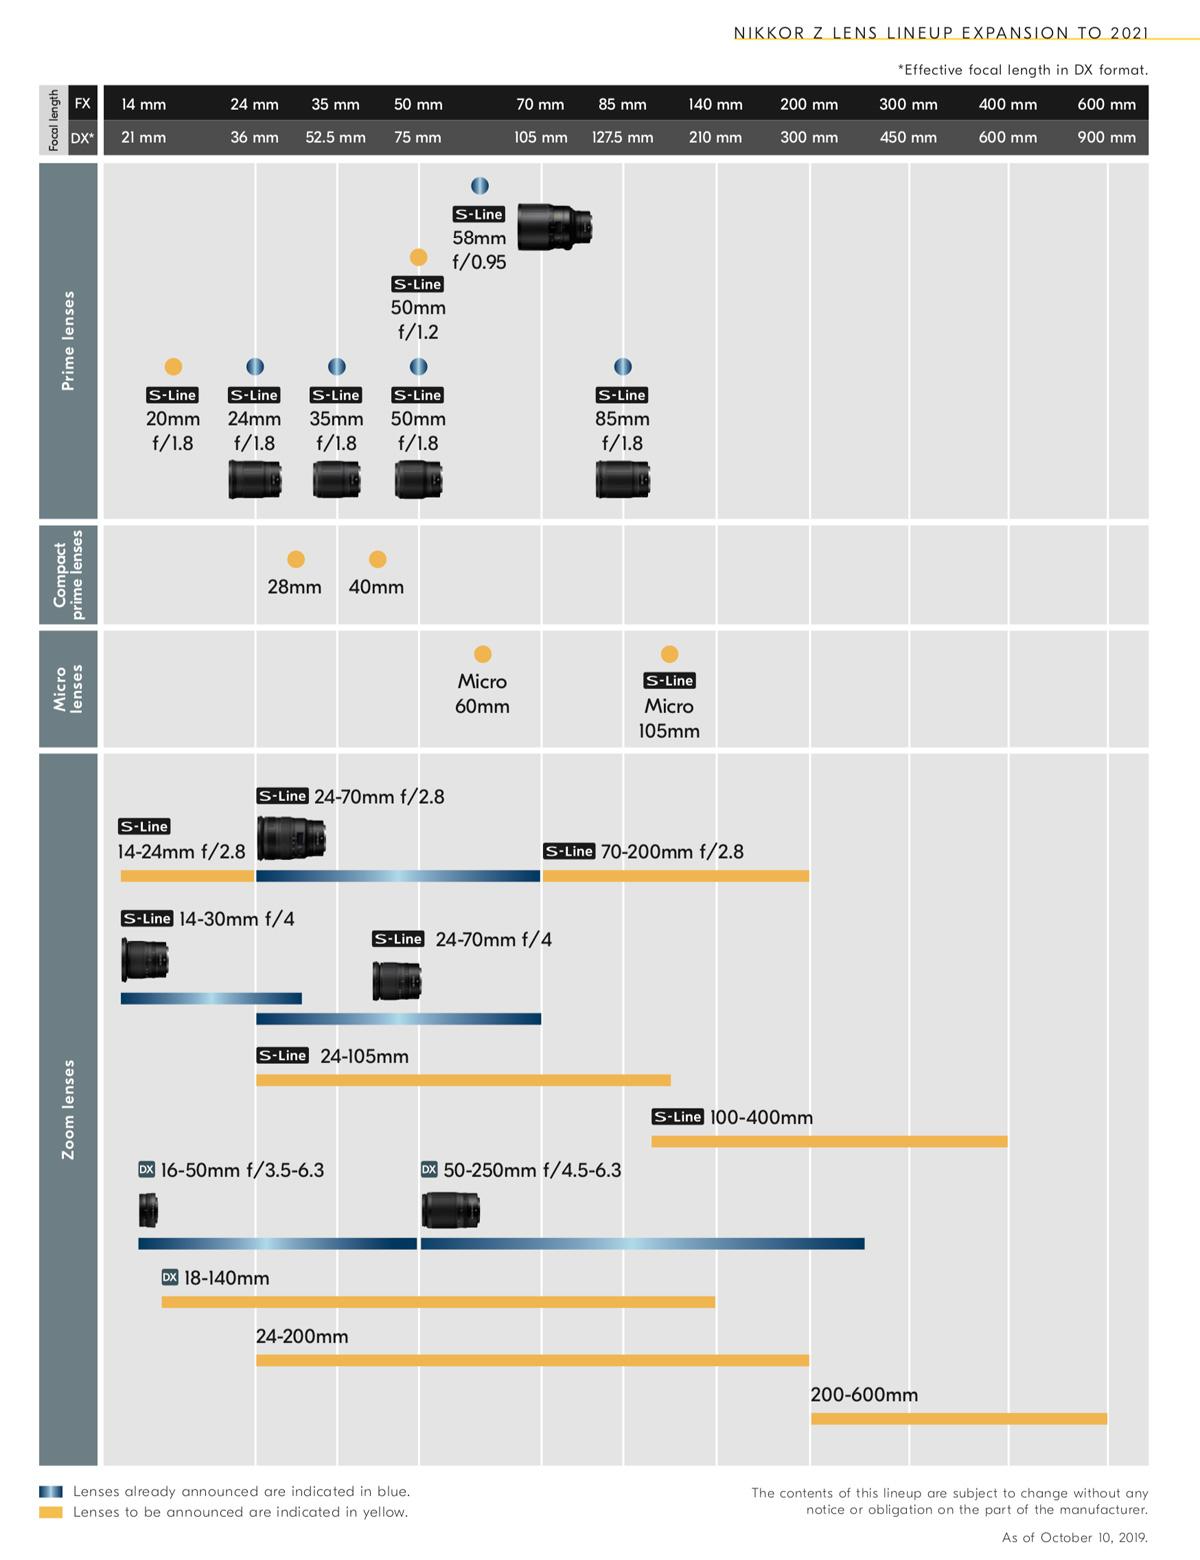 la roadmap officielle optiques Nikkor S line et autres jusqu'en 2021